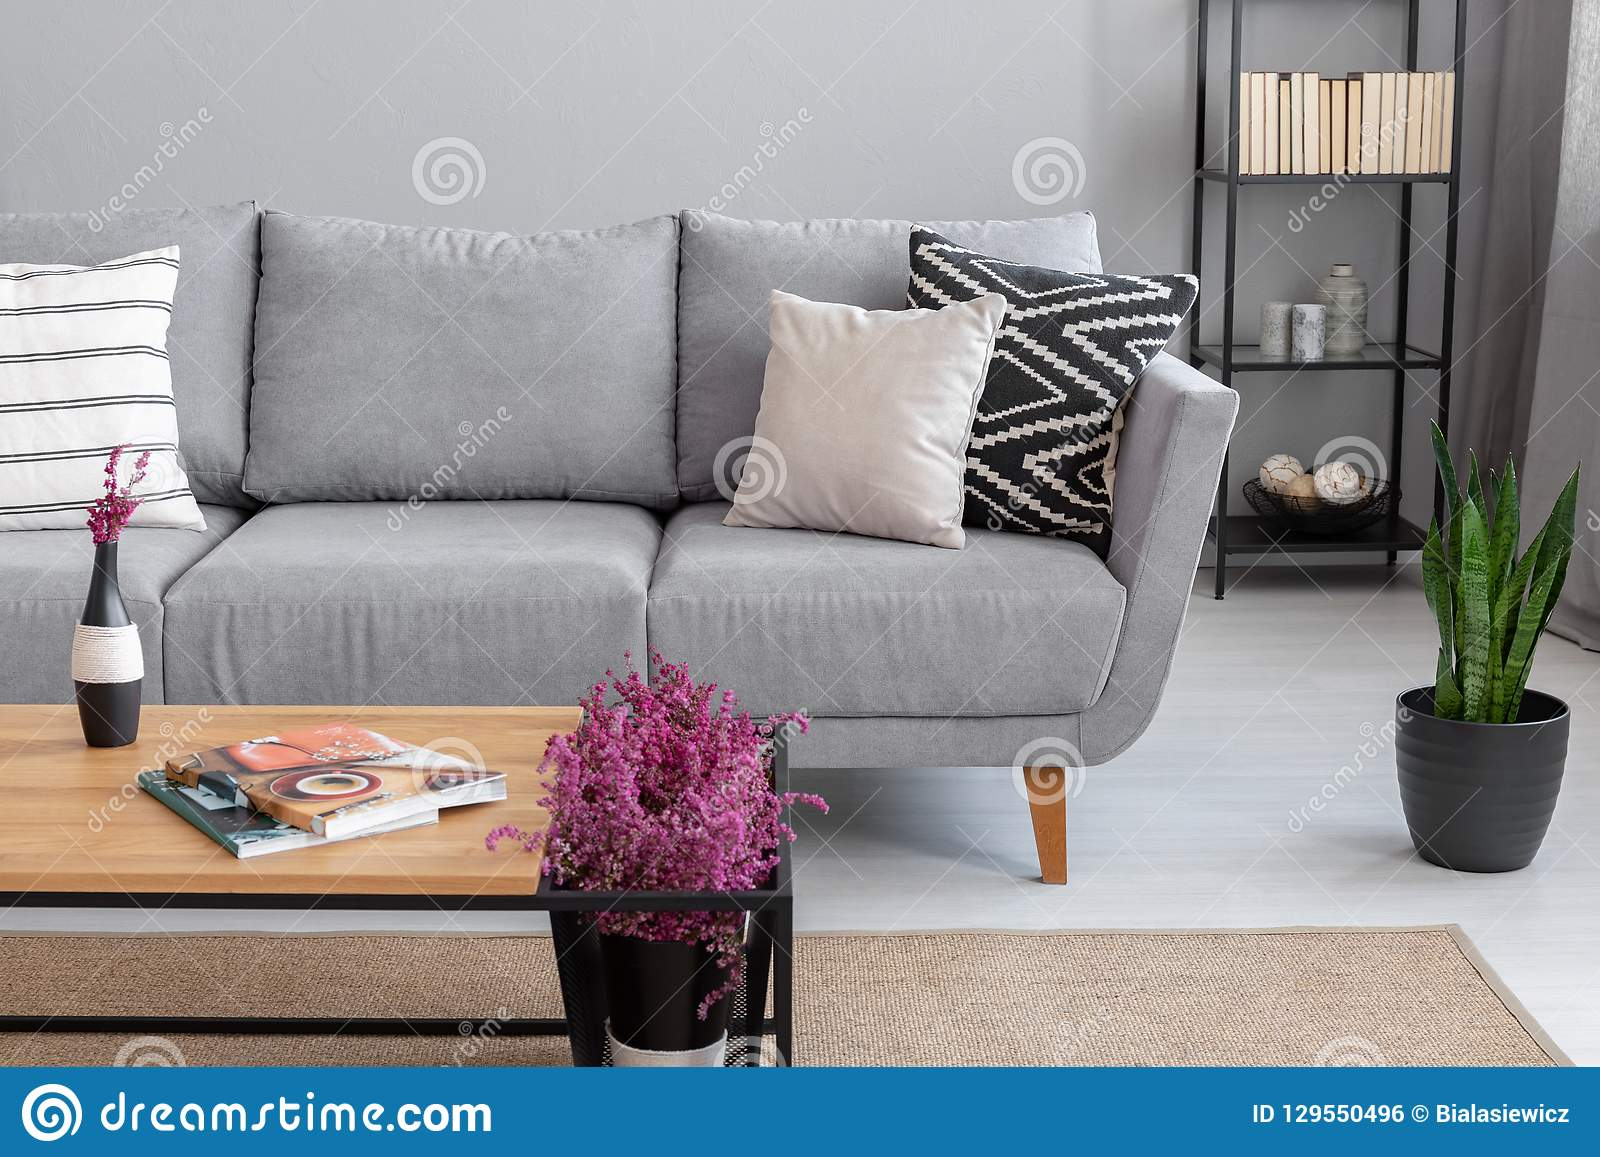 Περιοδικά και ερείκη στον ξύλινο πίνακα κοντά στον άνετο γκρίζο καναπέ με τα μαξιλάρια, πραγματική φωτογραφία με το διάστημα αντι